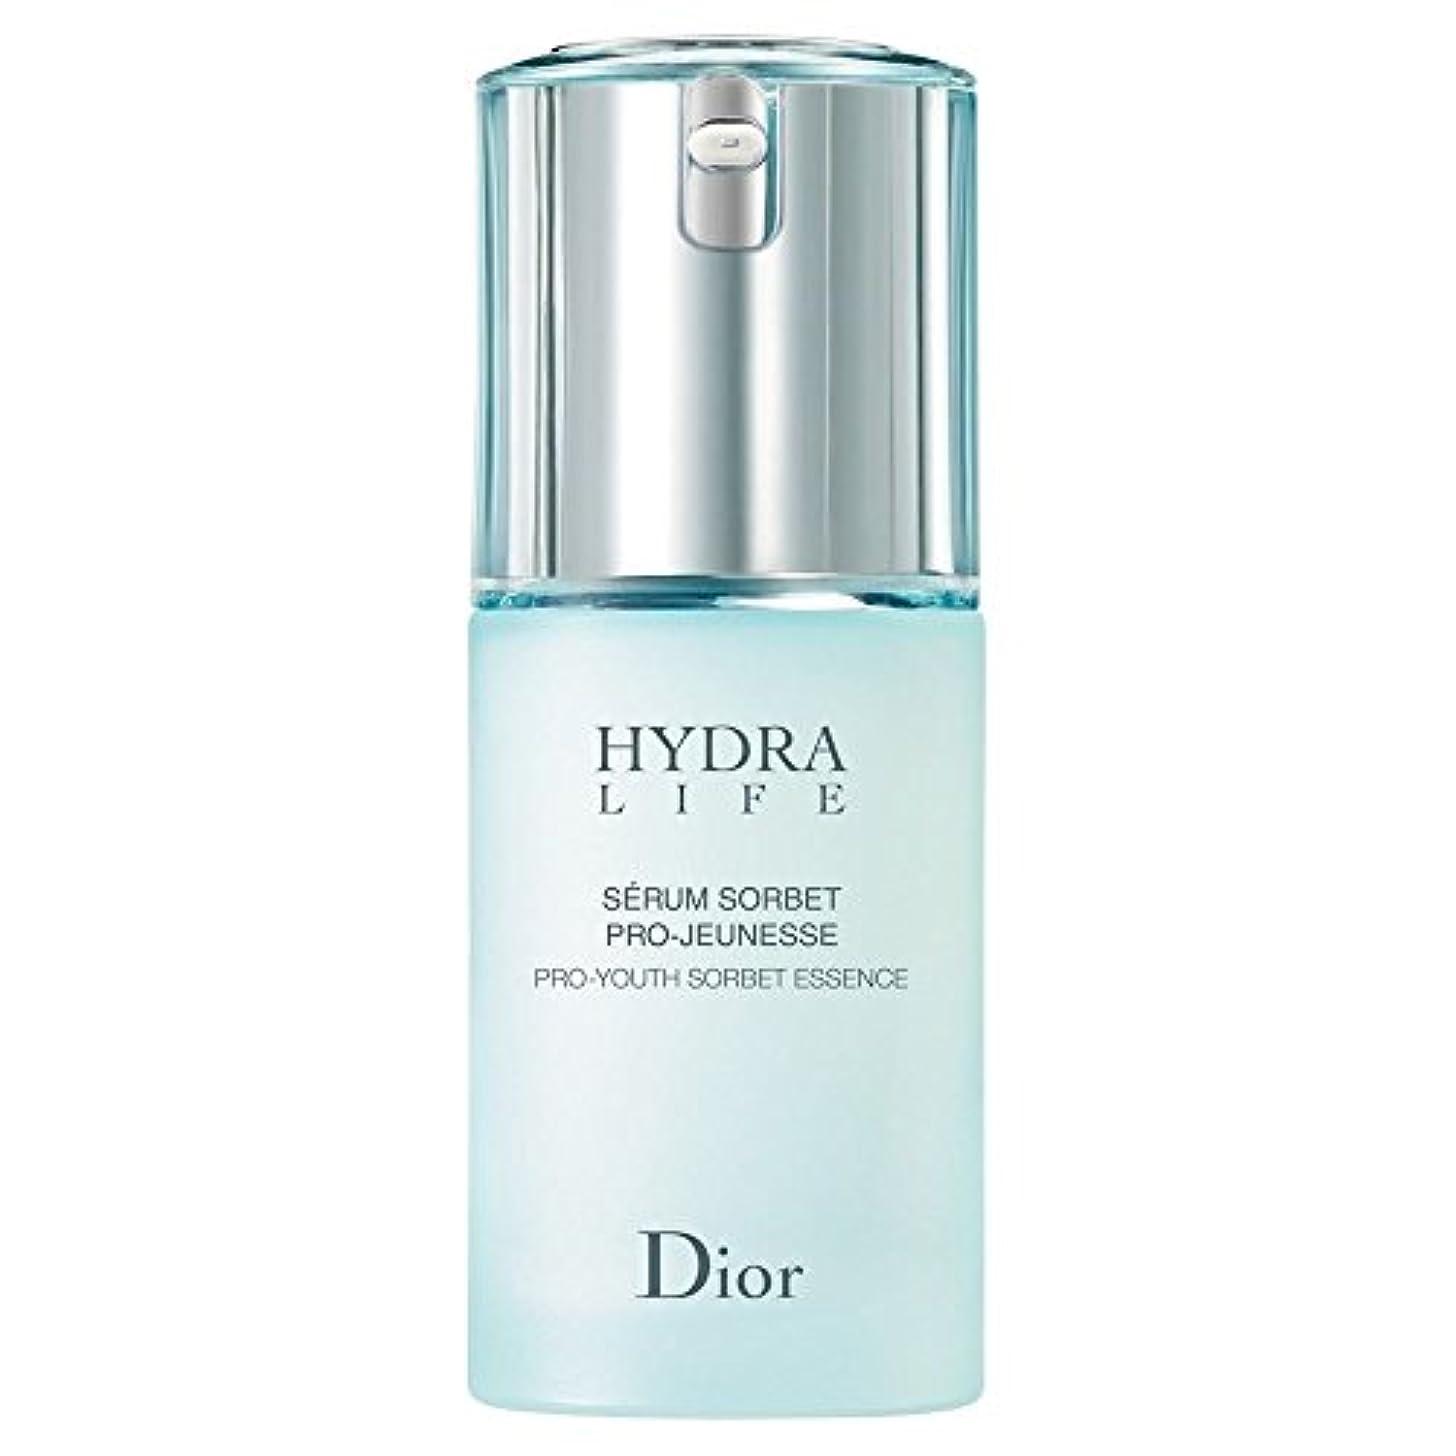 ロボット疑い者無秩序[Dior] ディオールヒドラライフプロ若者シャーベットセラム30Ml - Dior Hydra Life Pro-Youth Sorbet Serum 30ml [並行輸入品]